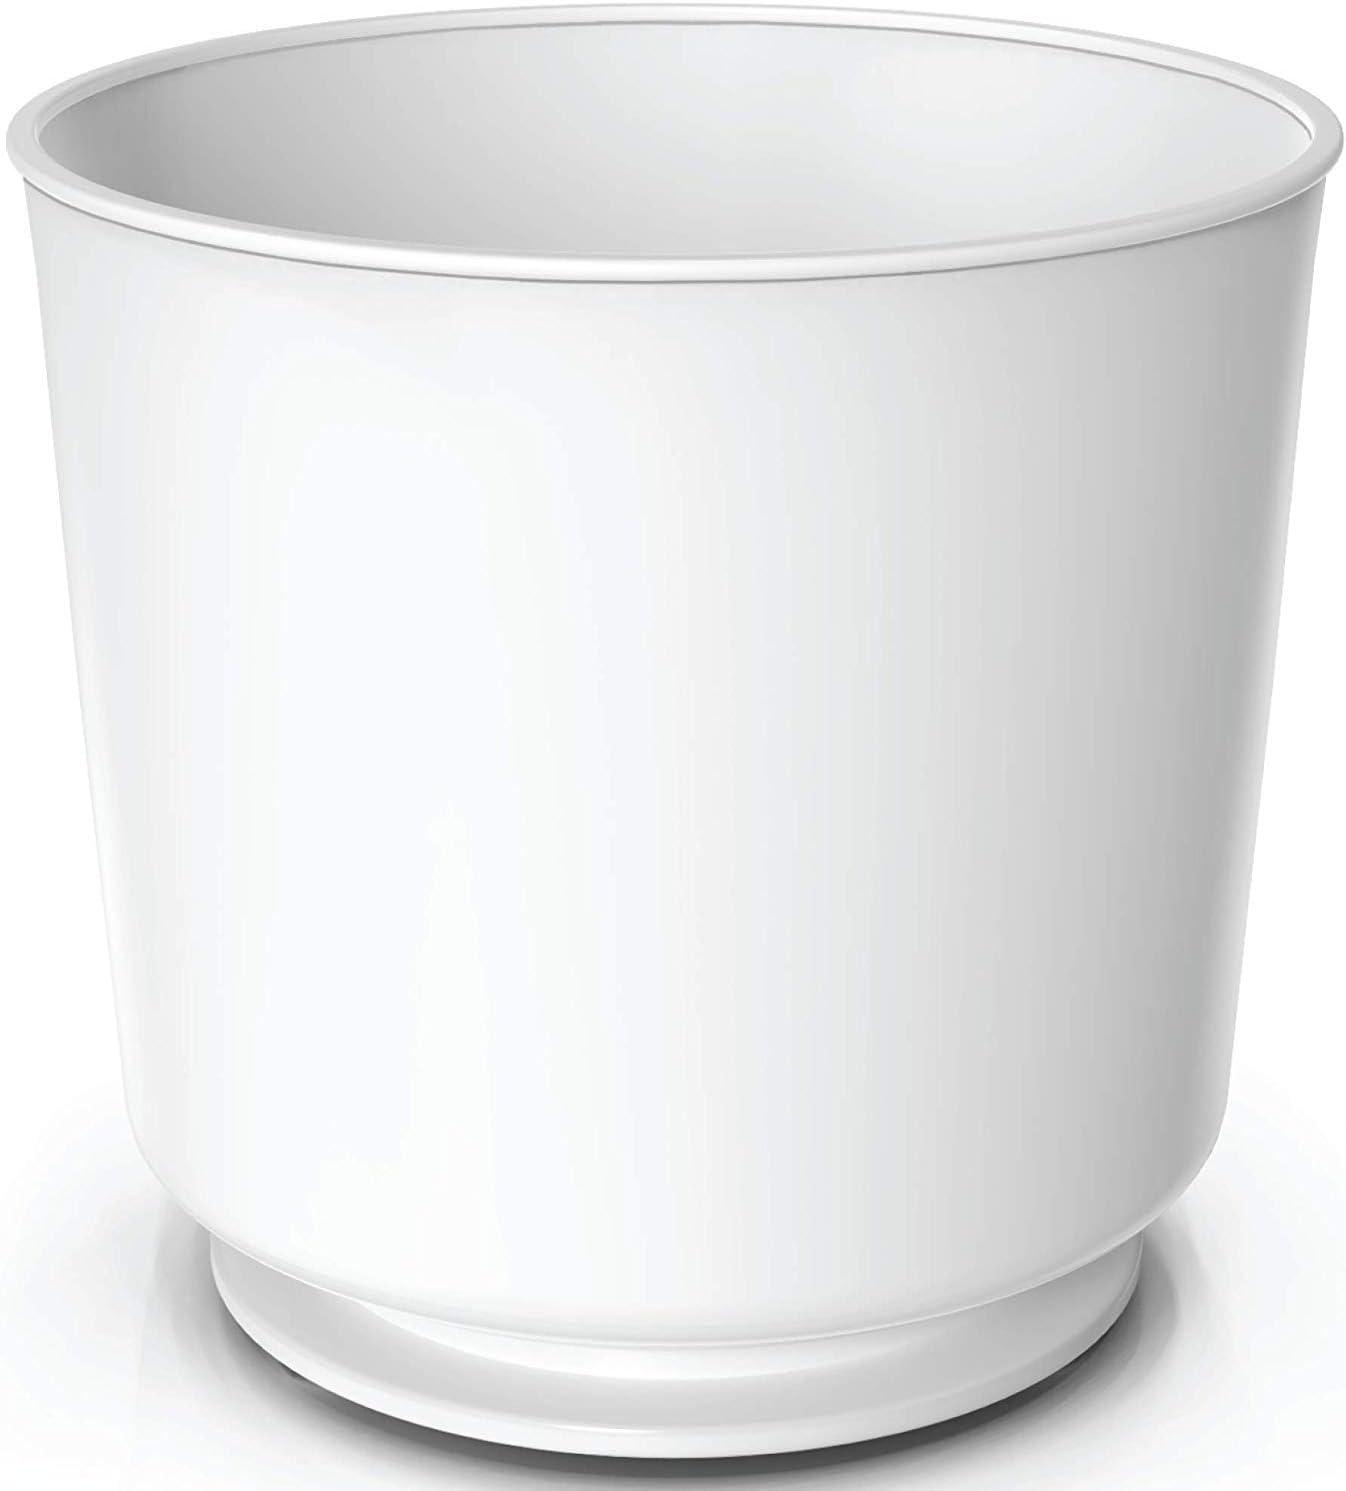 A prova di ruggine e lavabile in lavastoviglie Portautensili rotante divisorio removibile e inserto aderente con base pesata anti-rovesciamento da Cooler Kitchen extra large e robusto